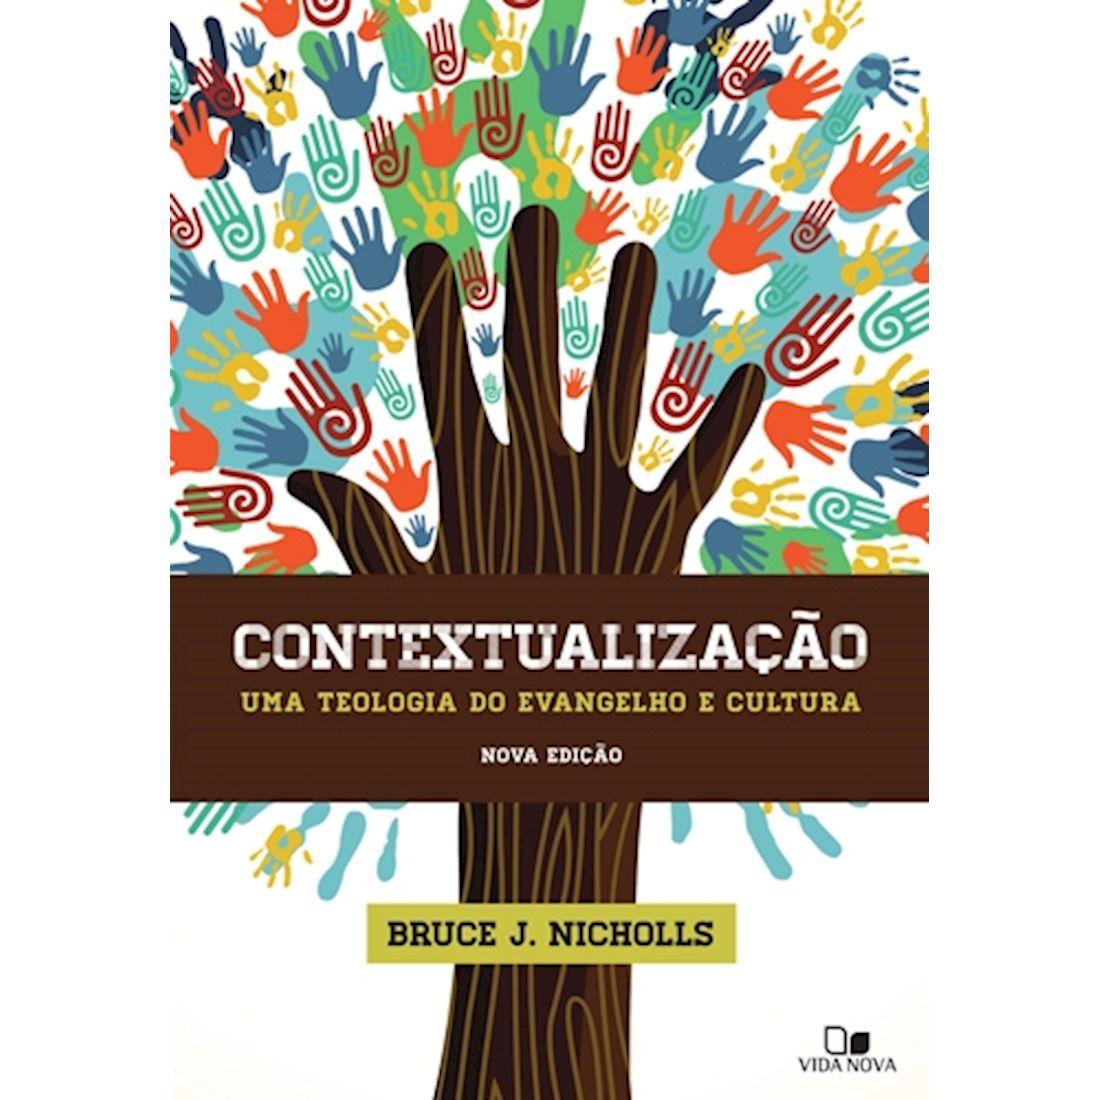 Livro Contextualização - nova edição